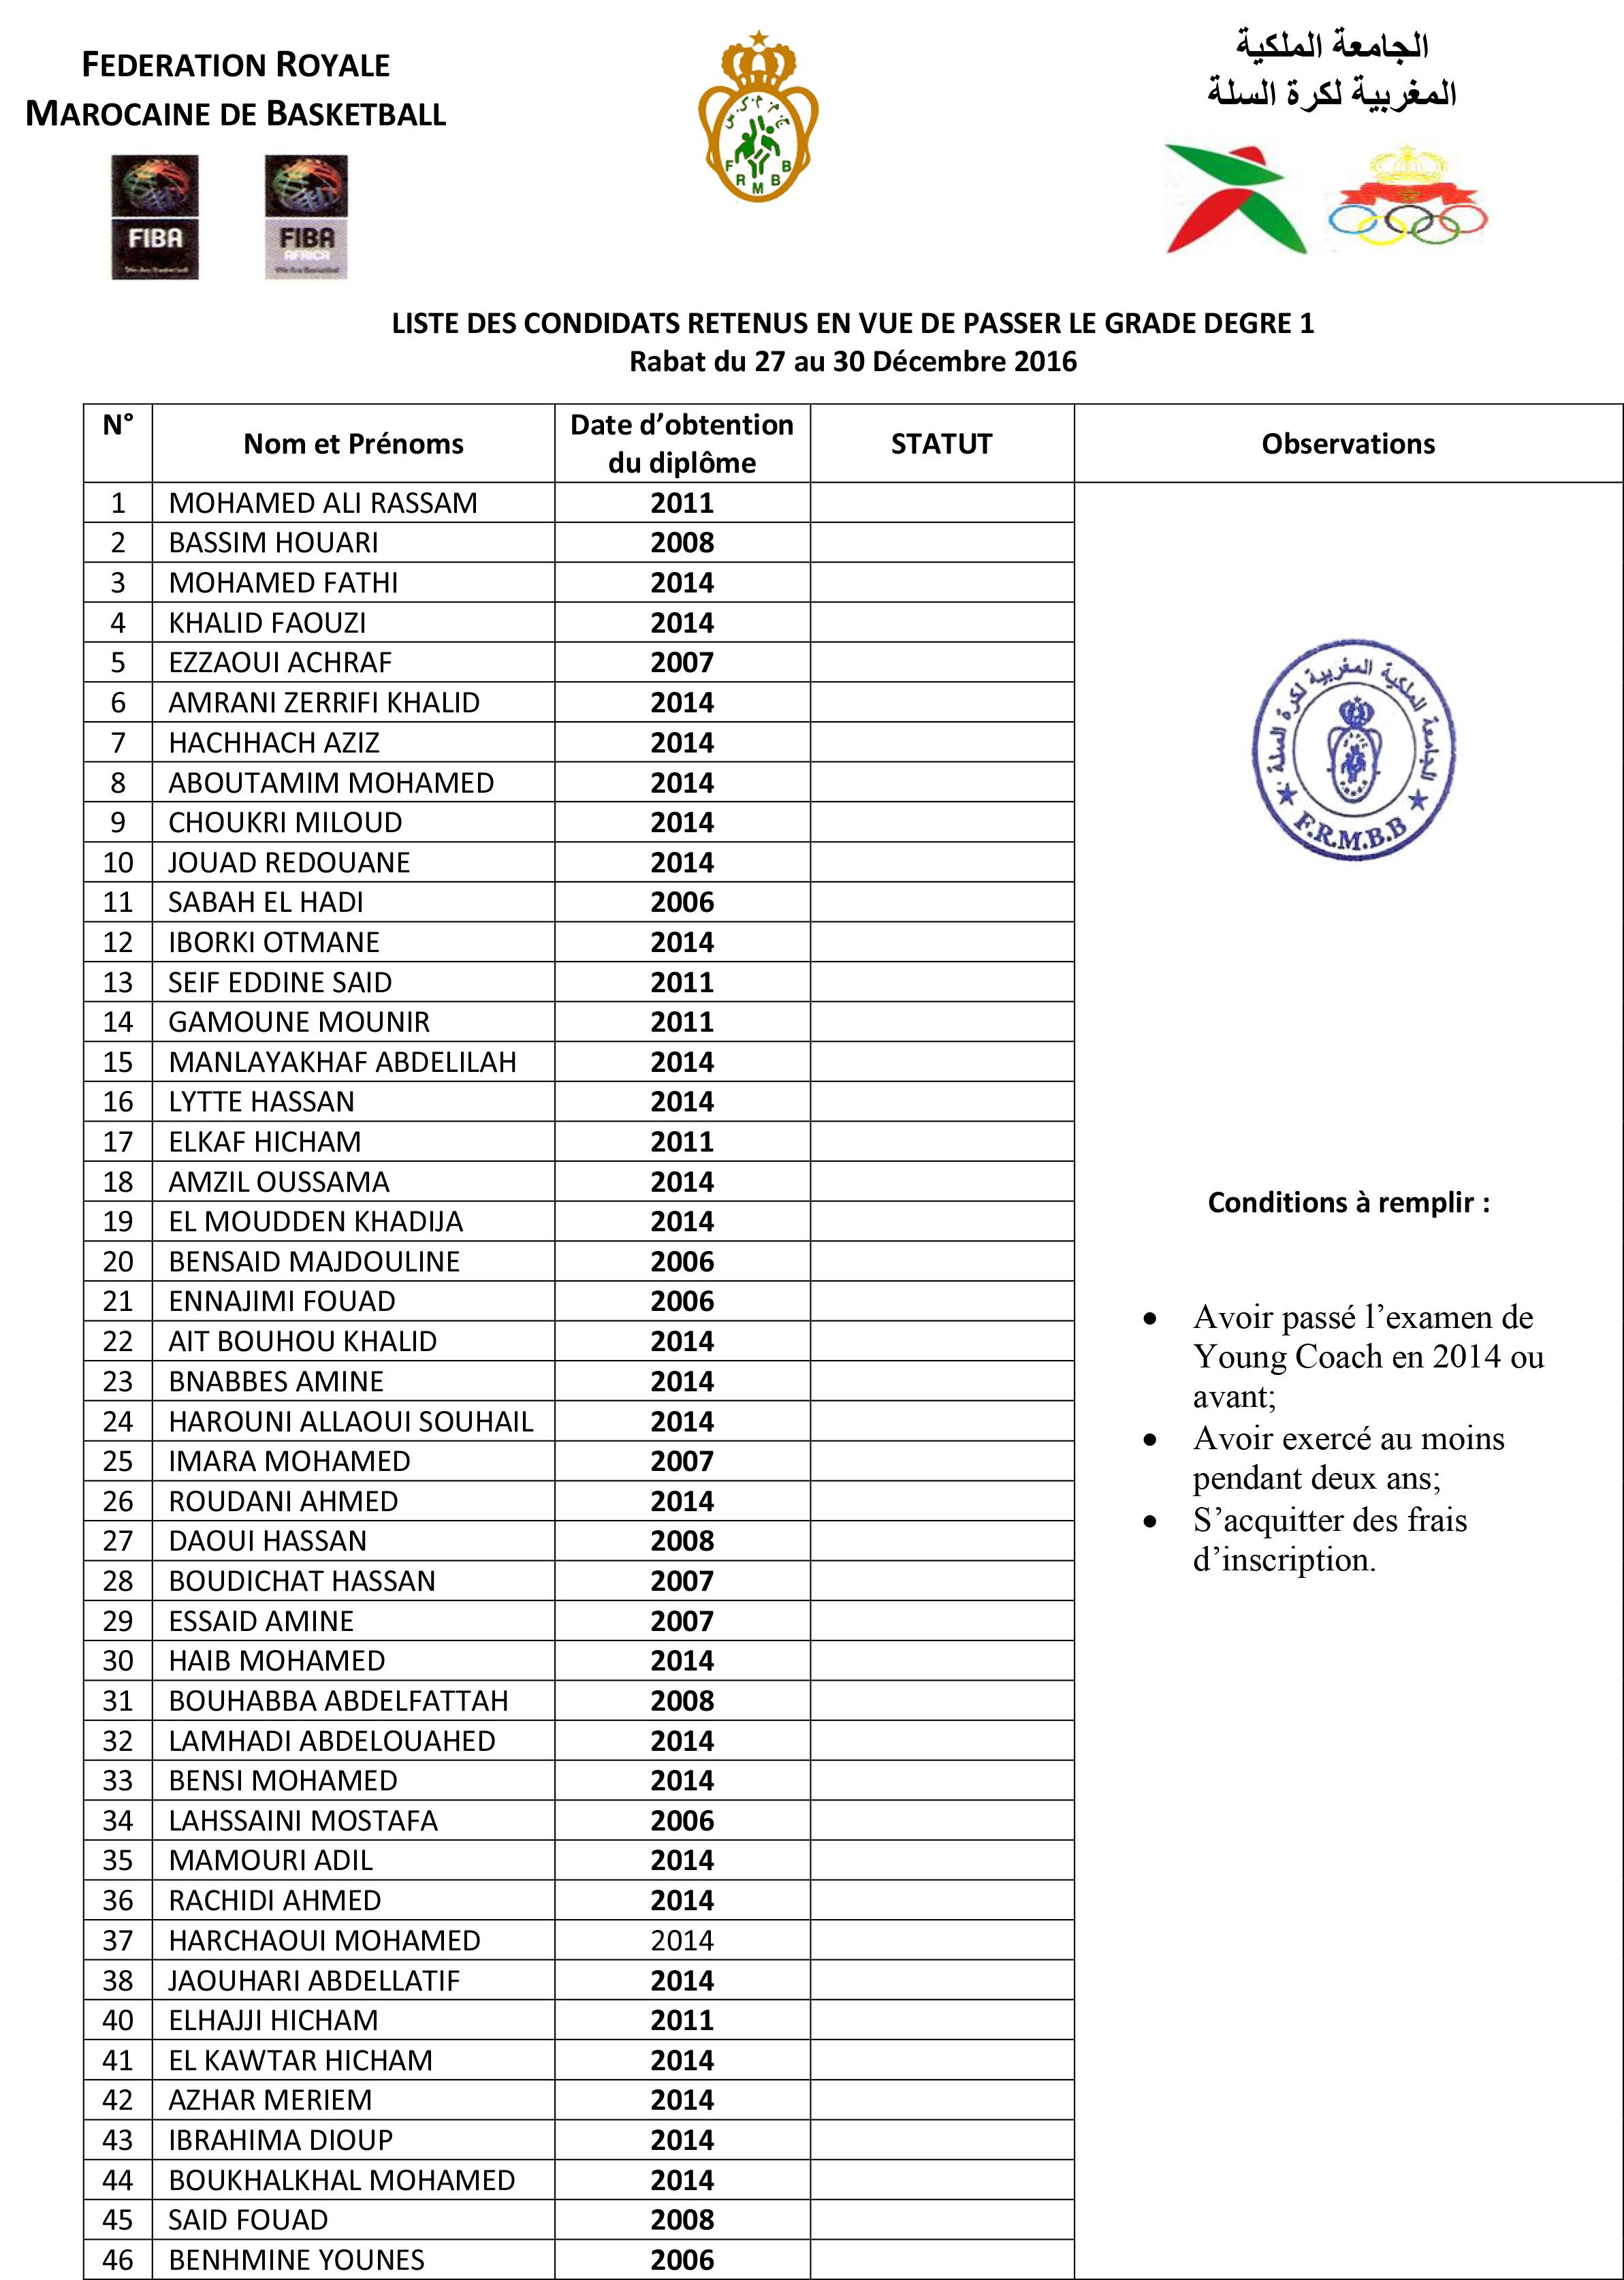 liste-des-candidats-au-degre-1-rabat-du-27-au-30-decembre-2016-1-copy